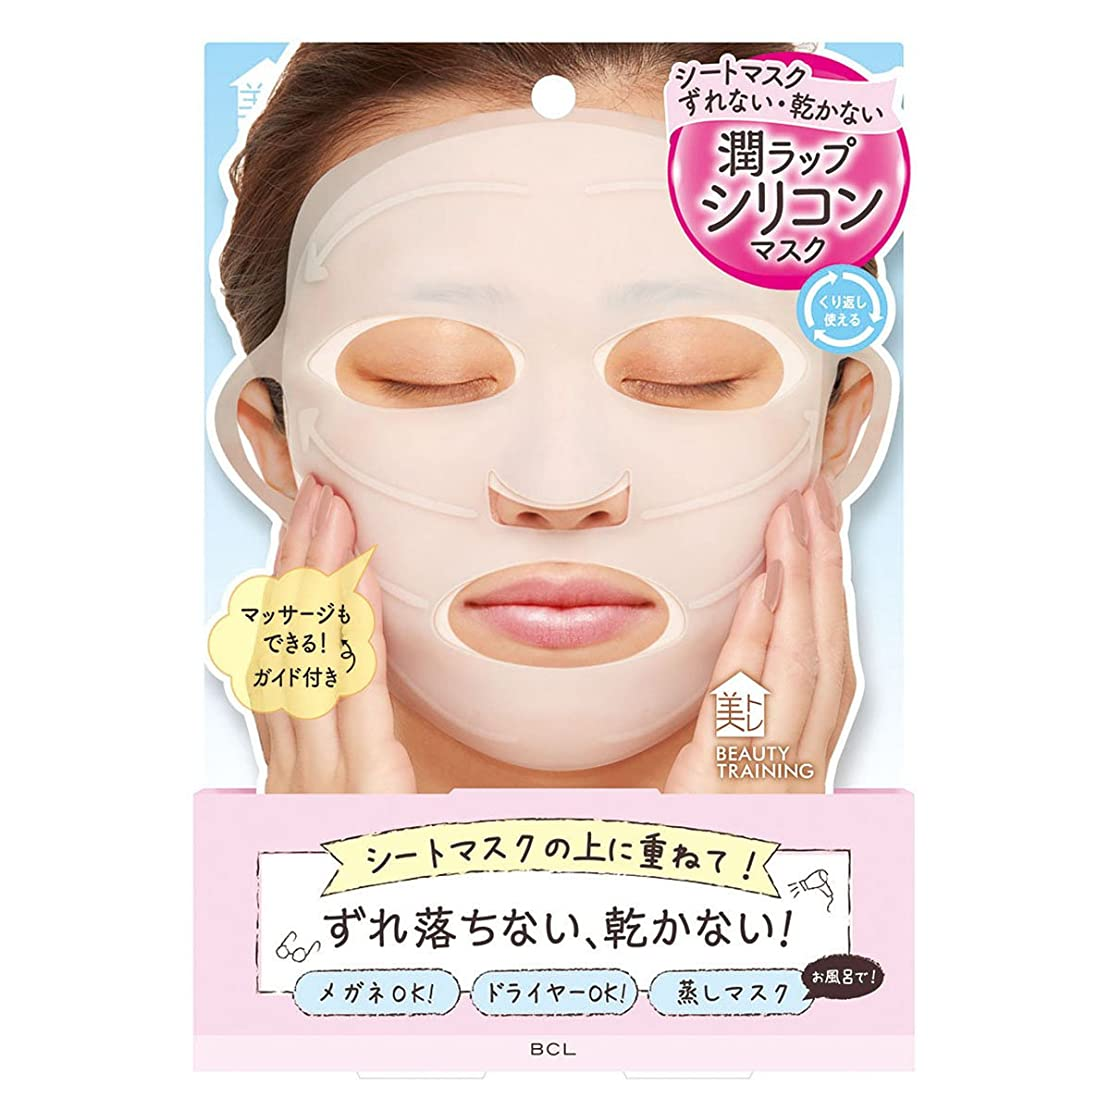 レトルト調整窒息させる美トレ モイストラップ シリコンマスク